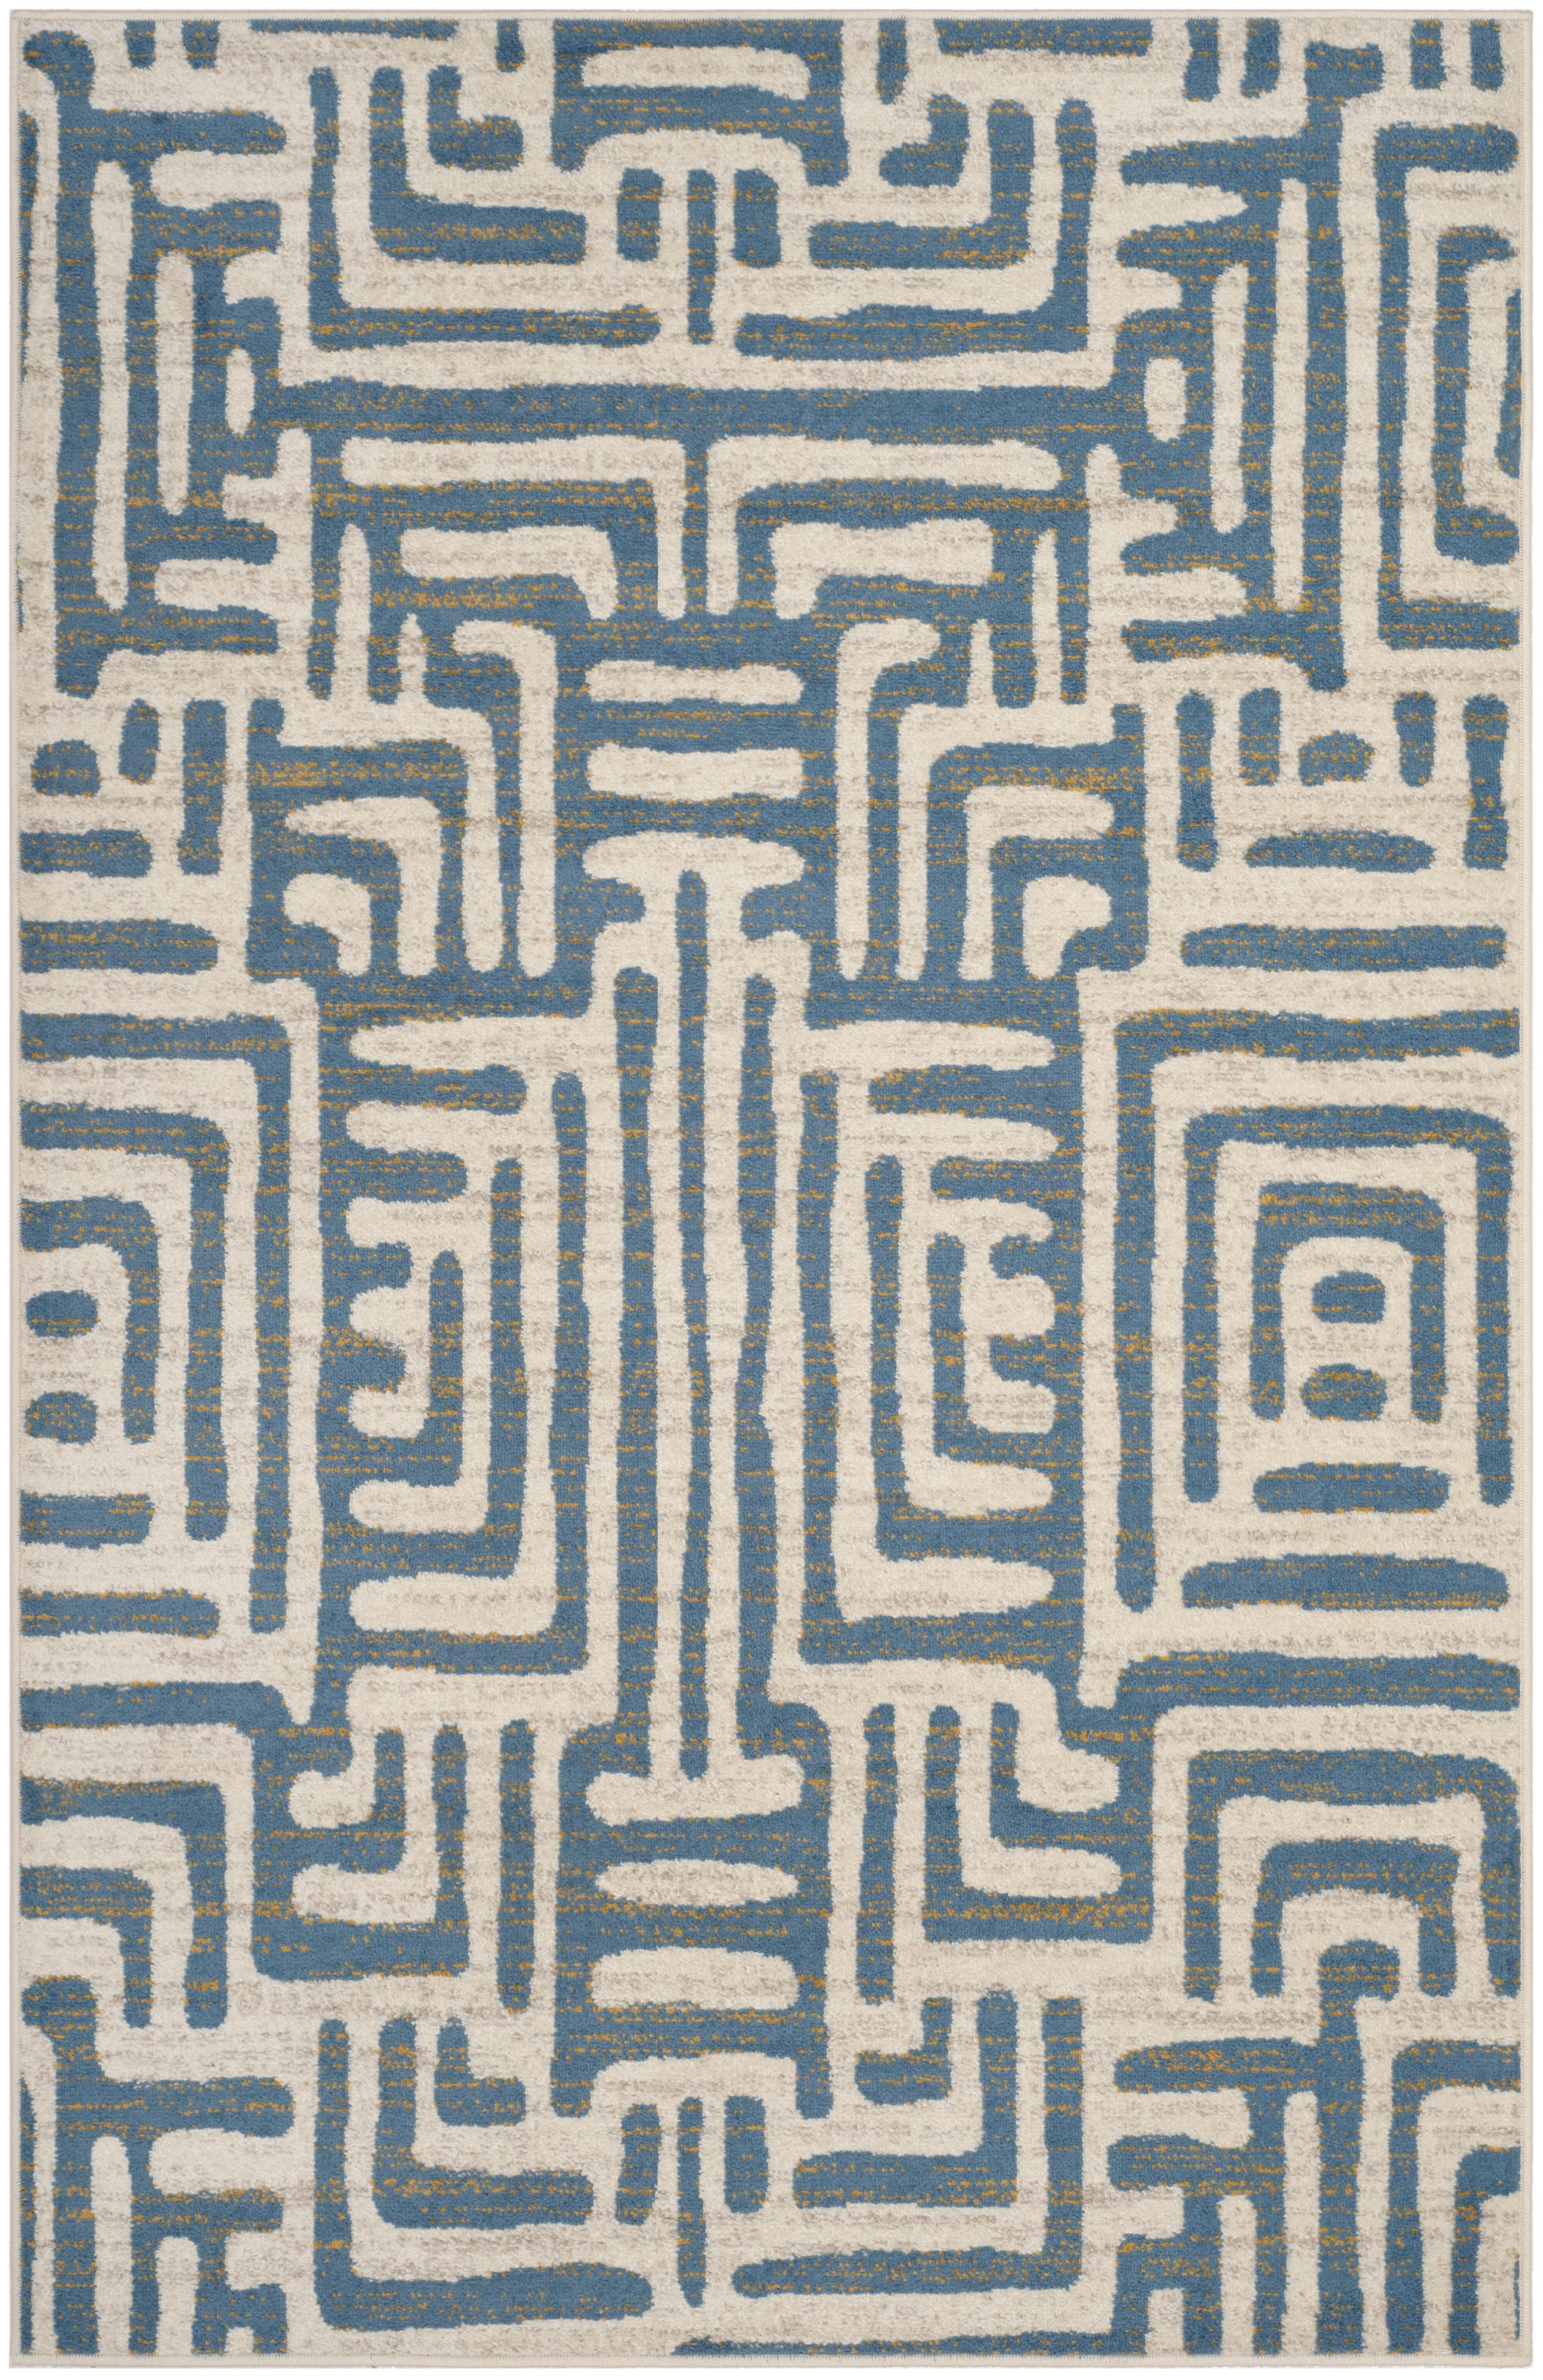 Tapis de salon contemporain  ivoire et bleu clair 160x230